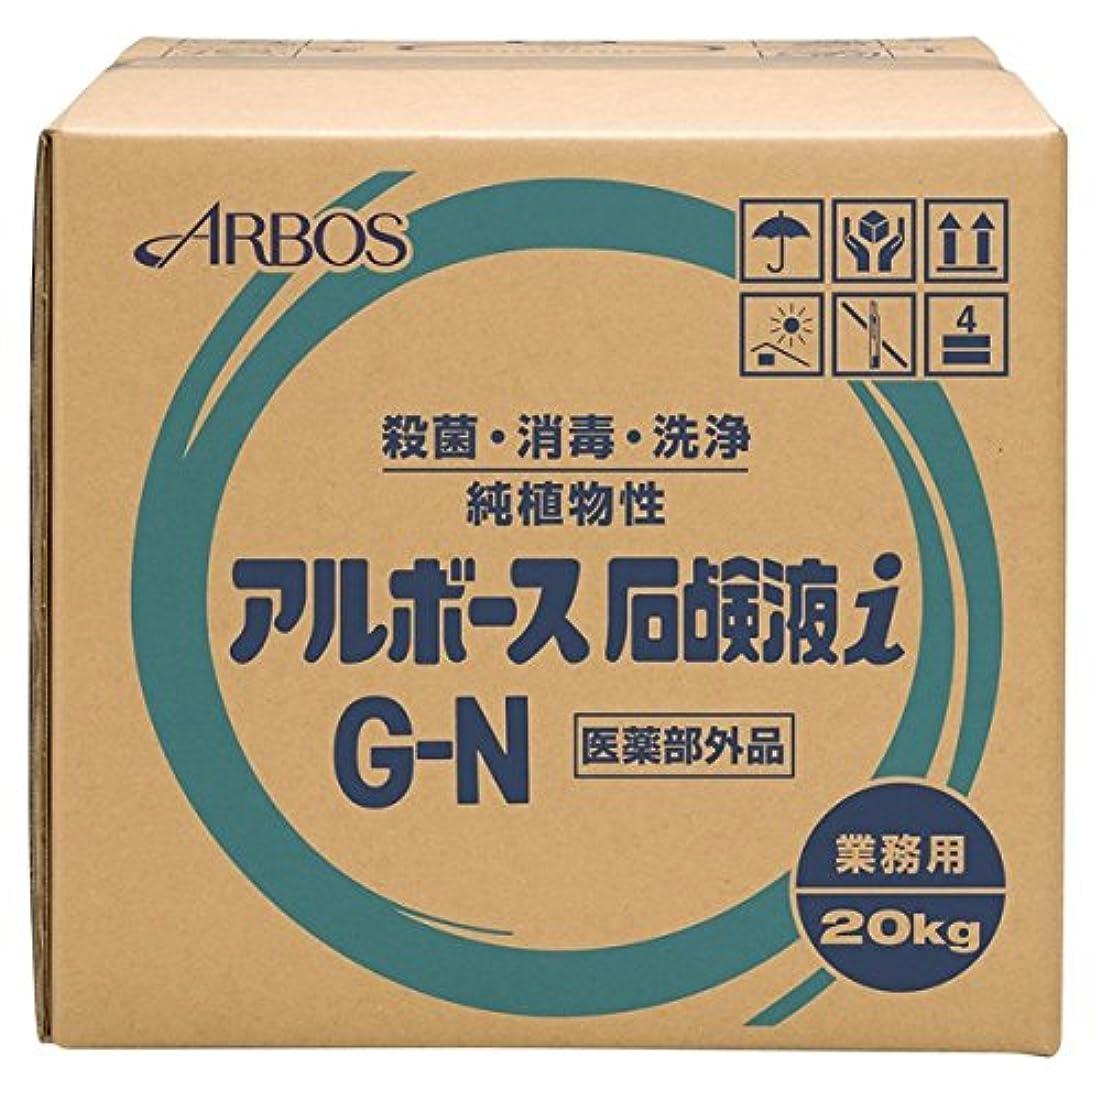 補体テレビを見る倉庫アルボース 薬用ハンドソープ アルボース石鹸液i G-N 濃縮タイプ 20kg